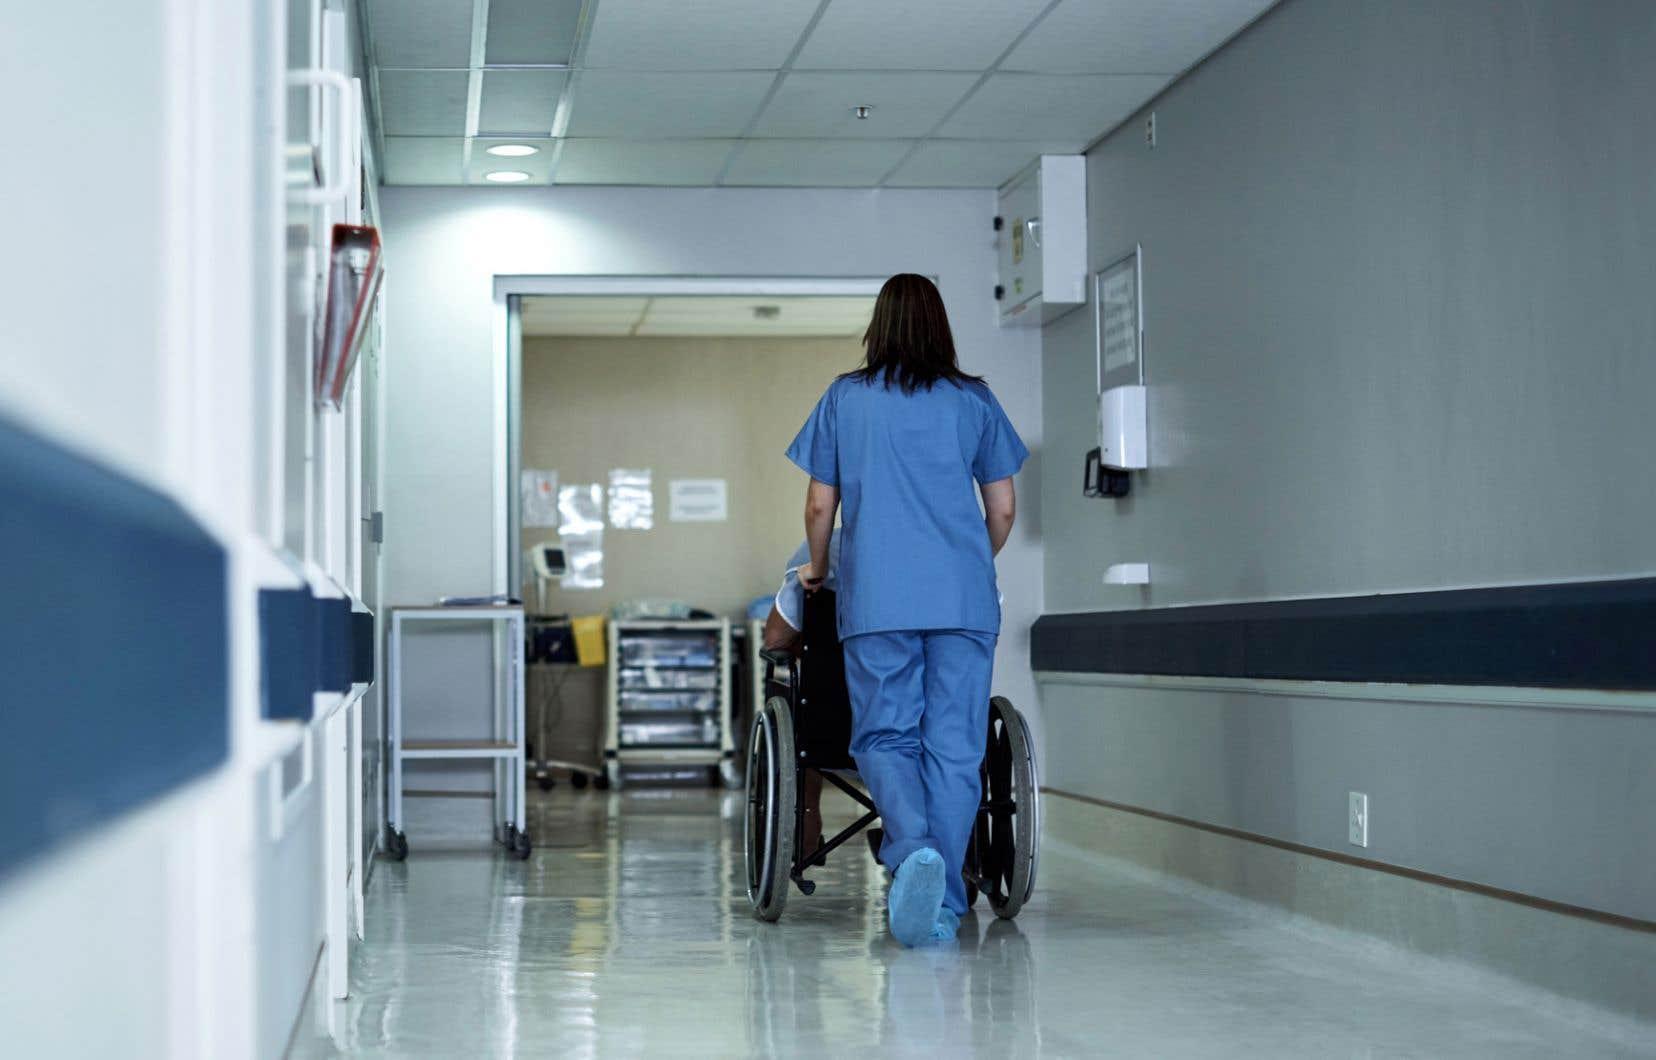 Il y a moyen de mieux redistribuer les ressources du système de santé, plaident les signataires d'une nouvelle lettre ouverte.